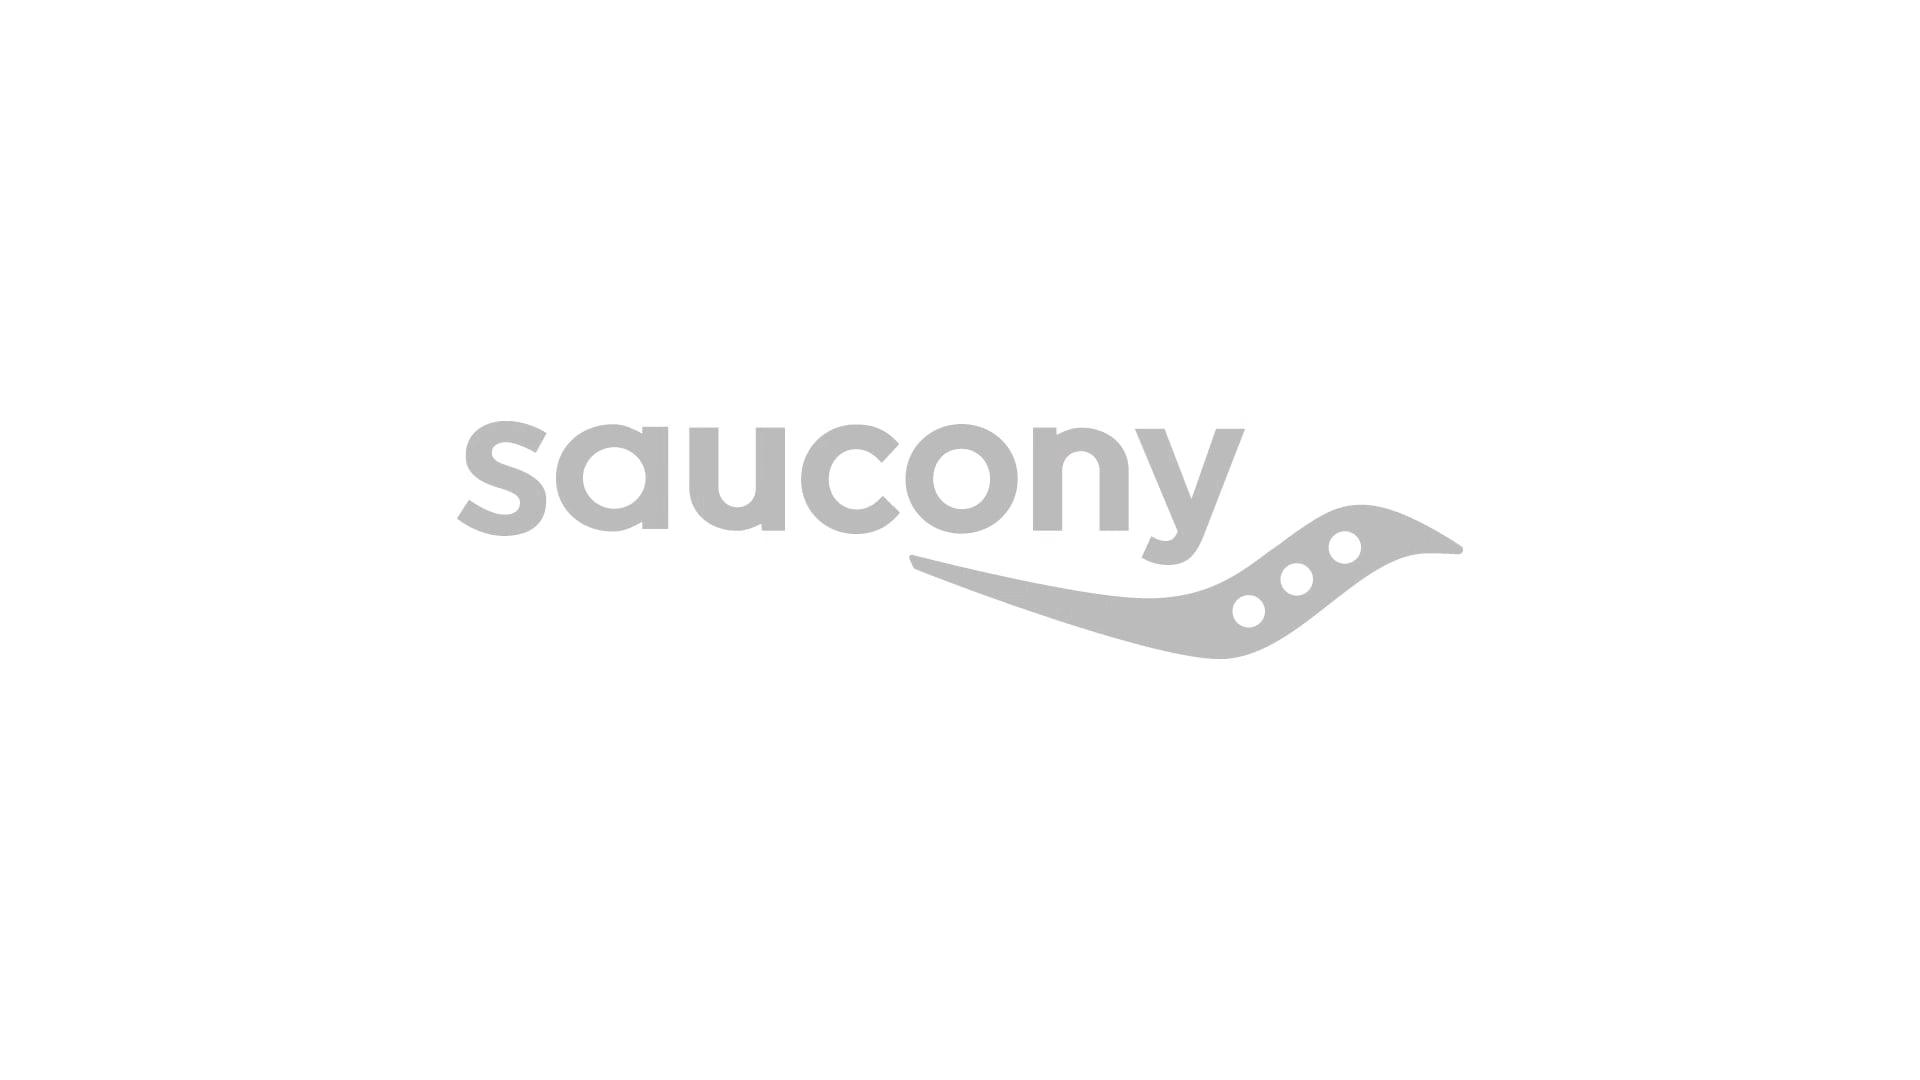 """(Non Profit Video) Saucony """"Run For Good"""" Campaign"""